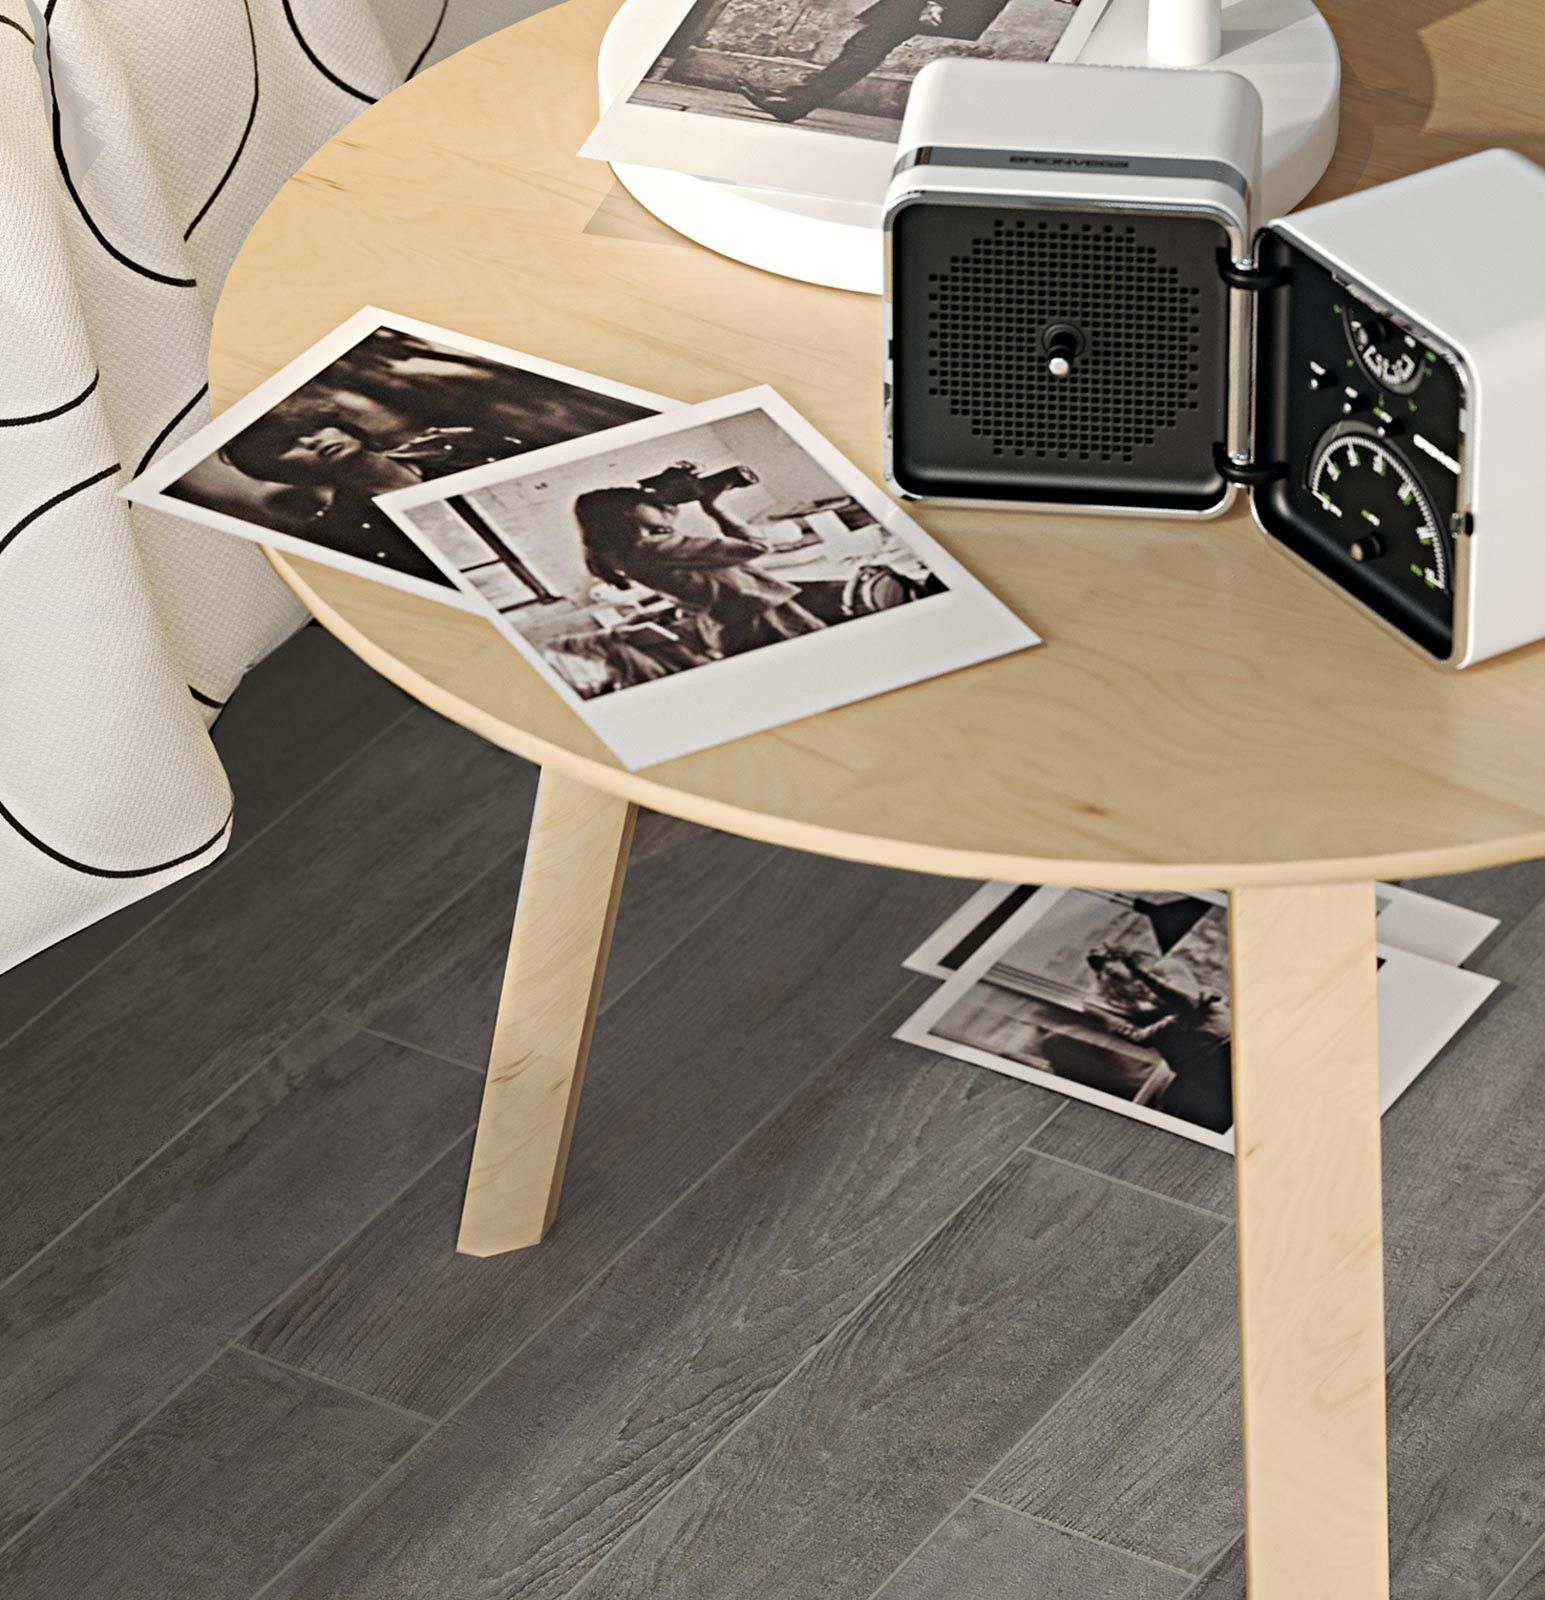 #Ragno #Woodcraft Grigio 10x70 cm R4LW   #Feinsteinzeug #Holzoptik #10x70   im Angebot auf #bad39.de 24 Euro/qm   #Fliesen #Keramik #Boden #Badezimmer #Küche #Outdoor